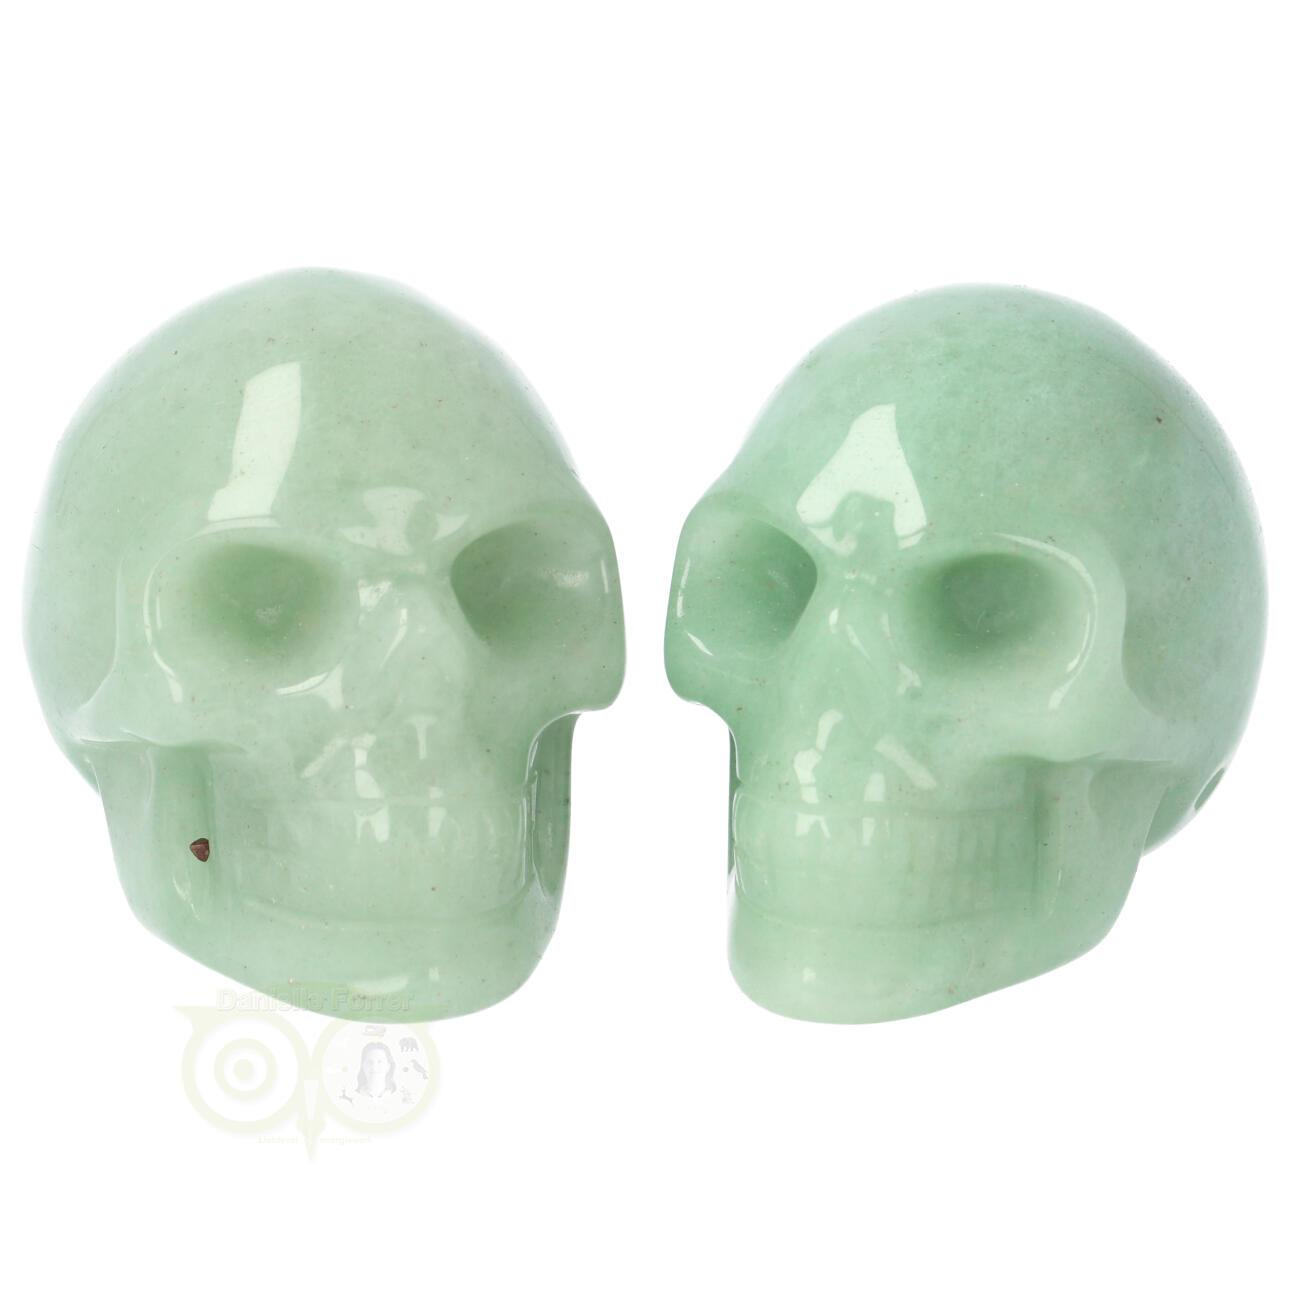 Groene aventurijn schedel kopen - aventurijn schedeltje kopen | Edelstenen Webwinkel - Webshop Danielle Forrer